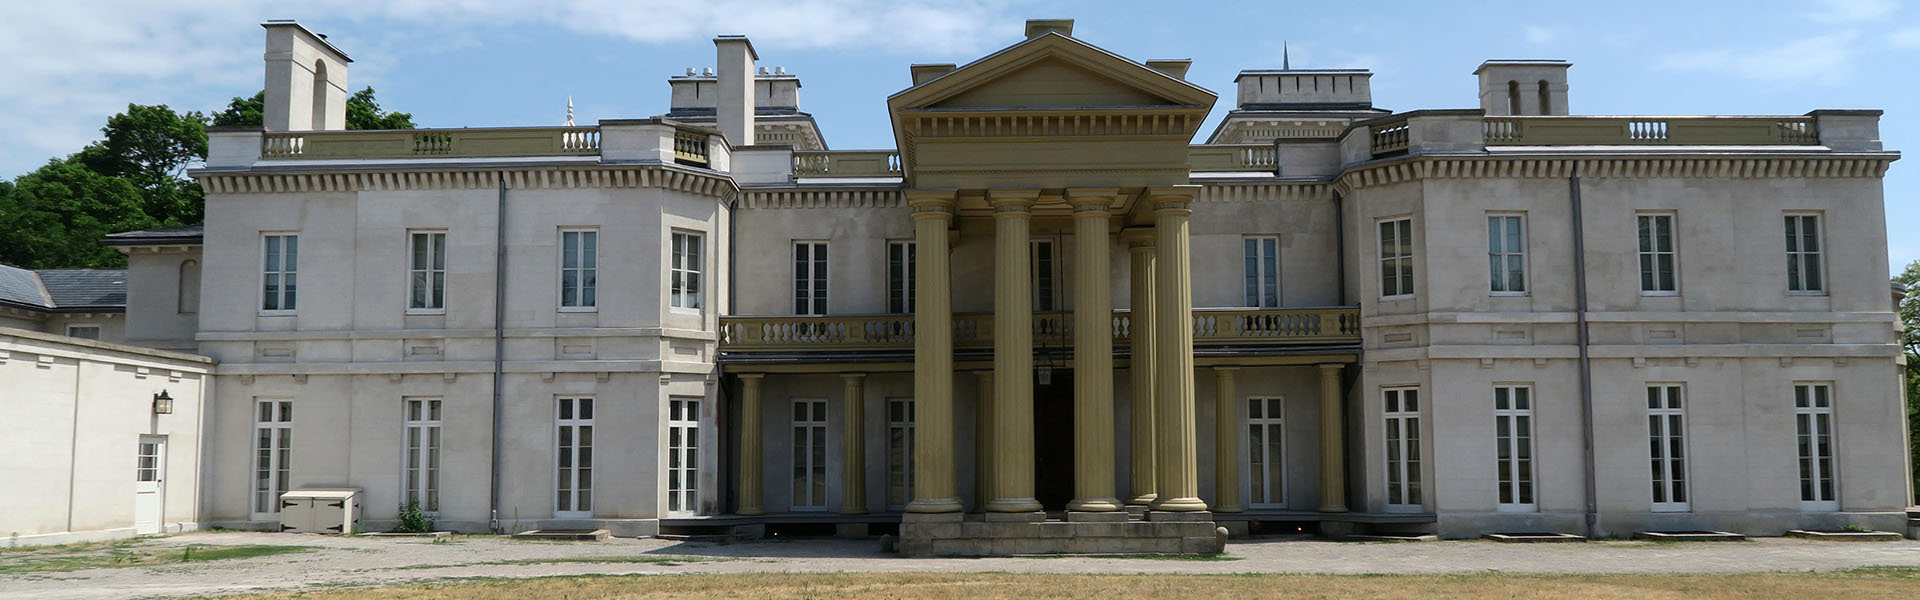 Château et parc Dundurn